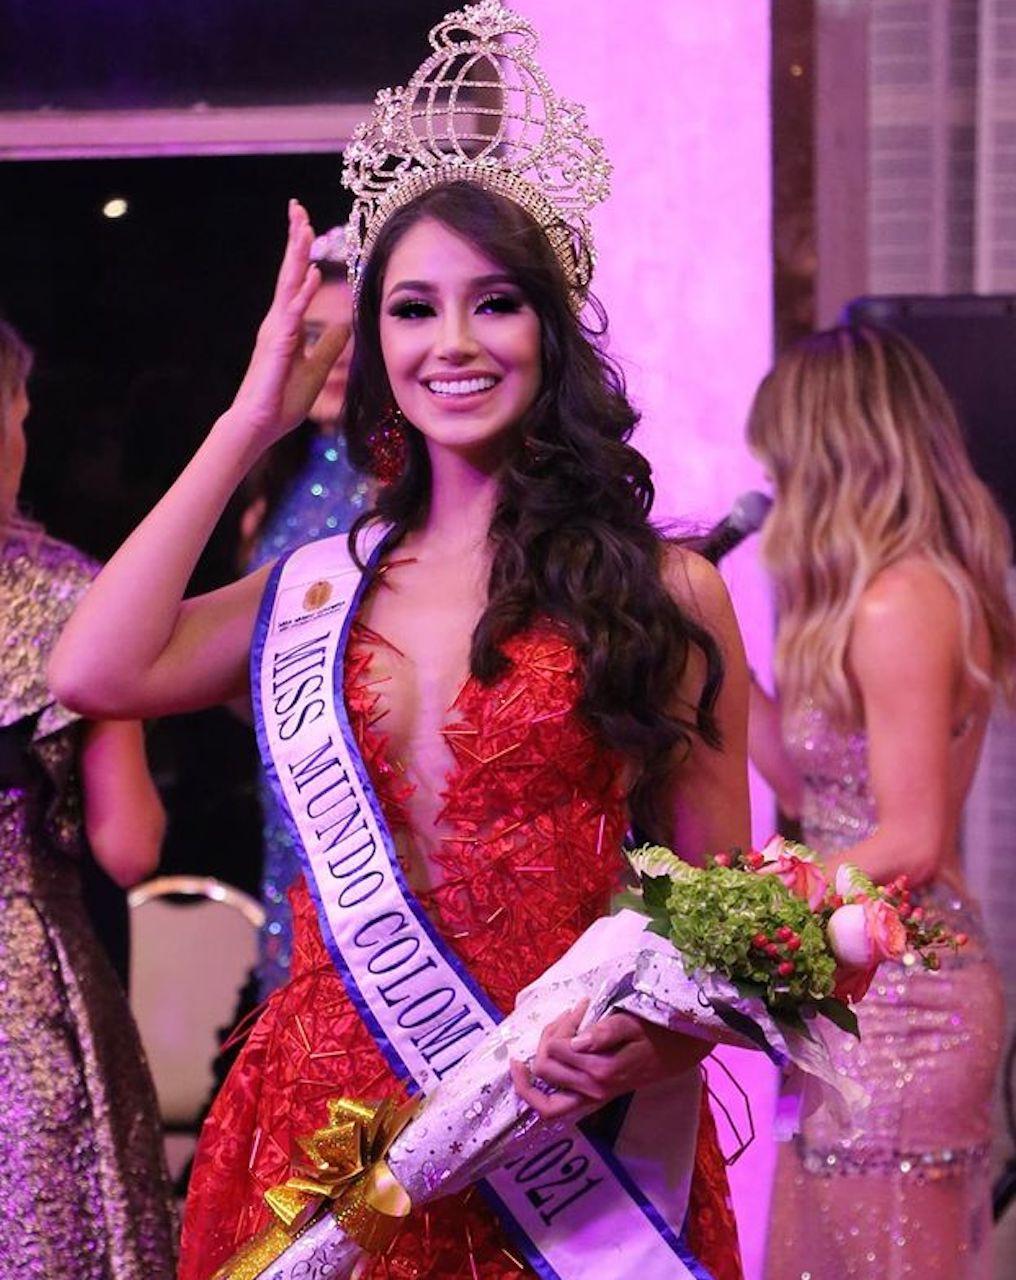 Mỹ nhân Colompia vừa đăng quang Hoa hậu Thế giới